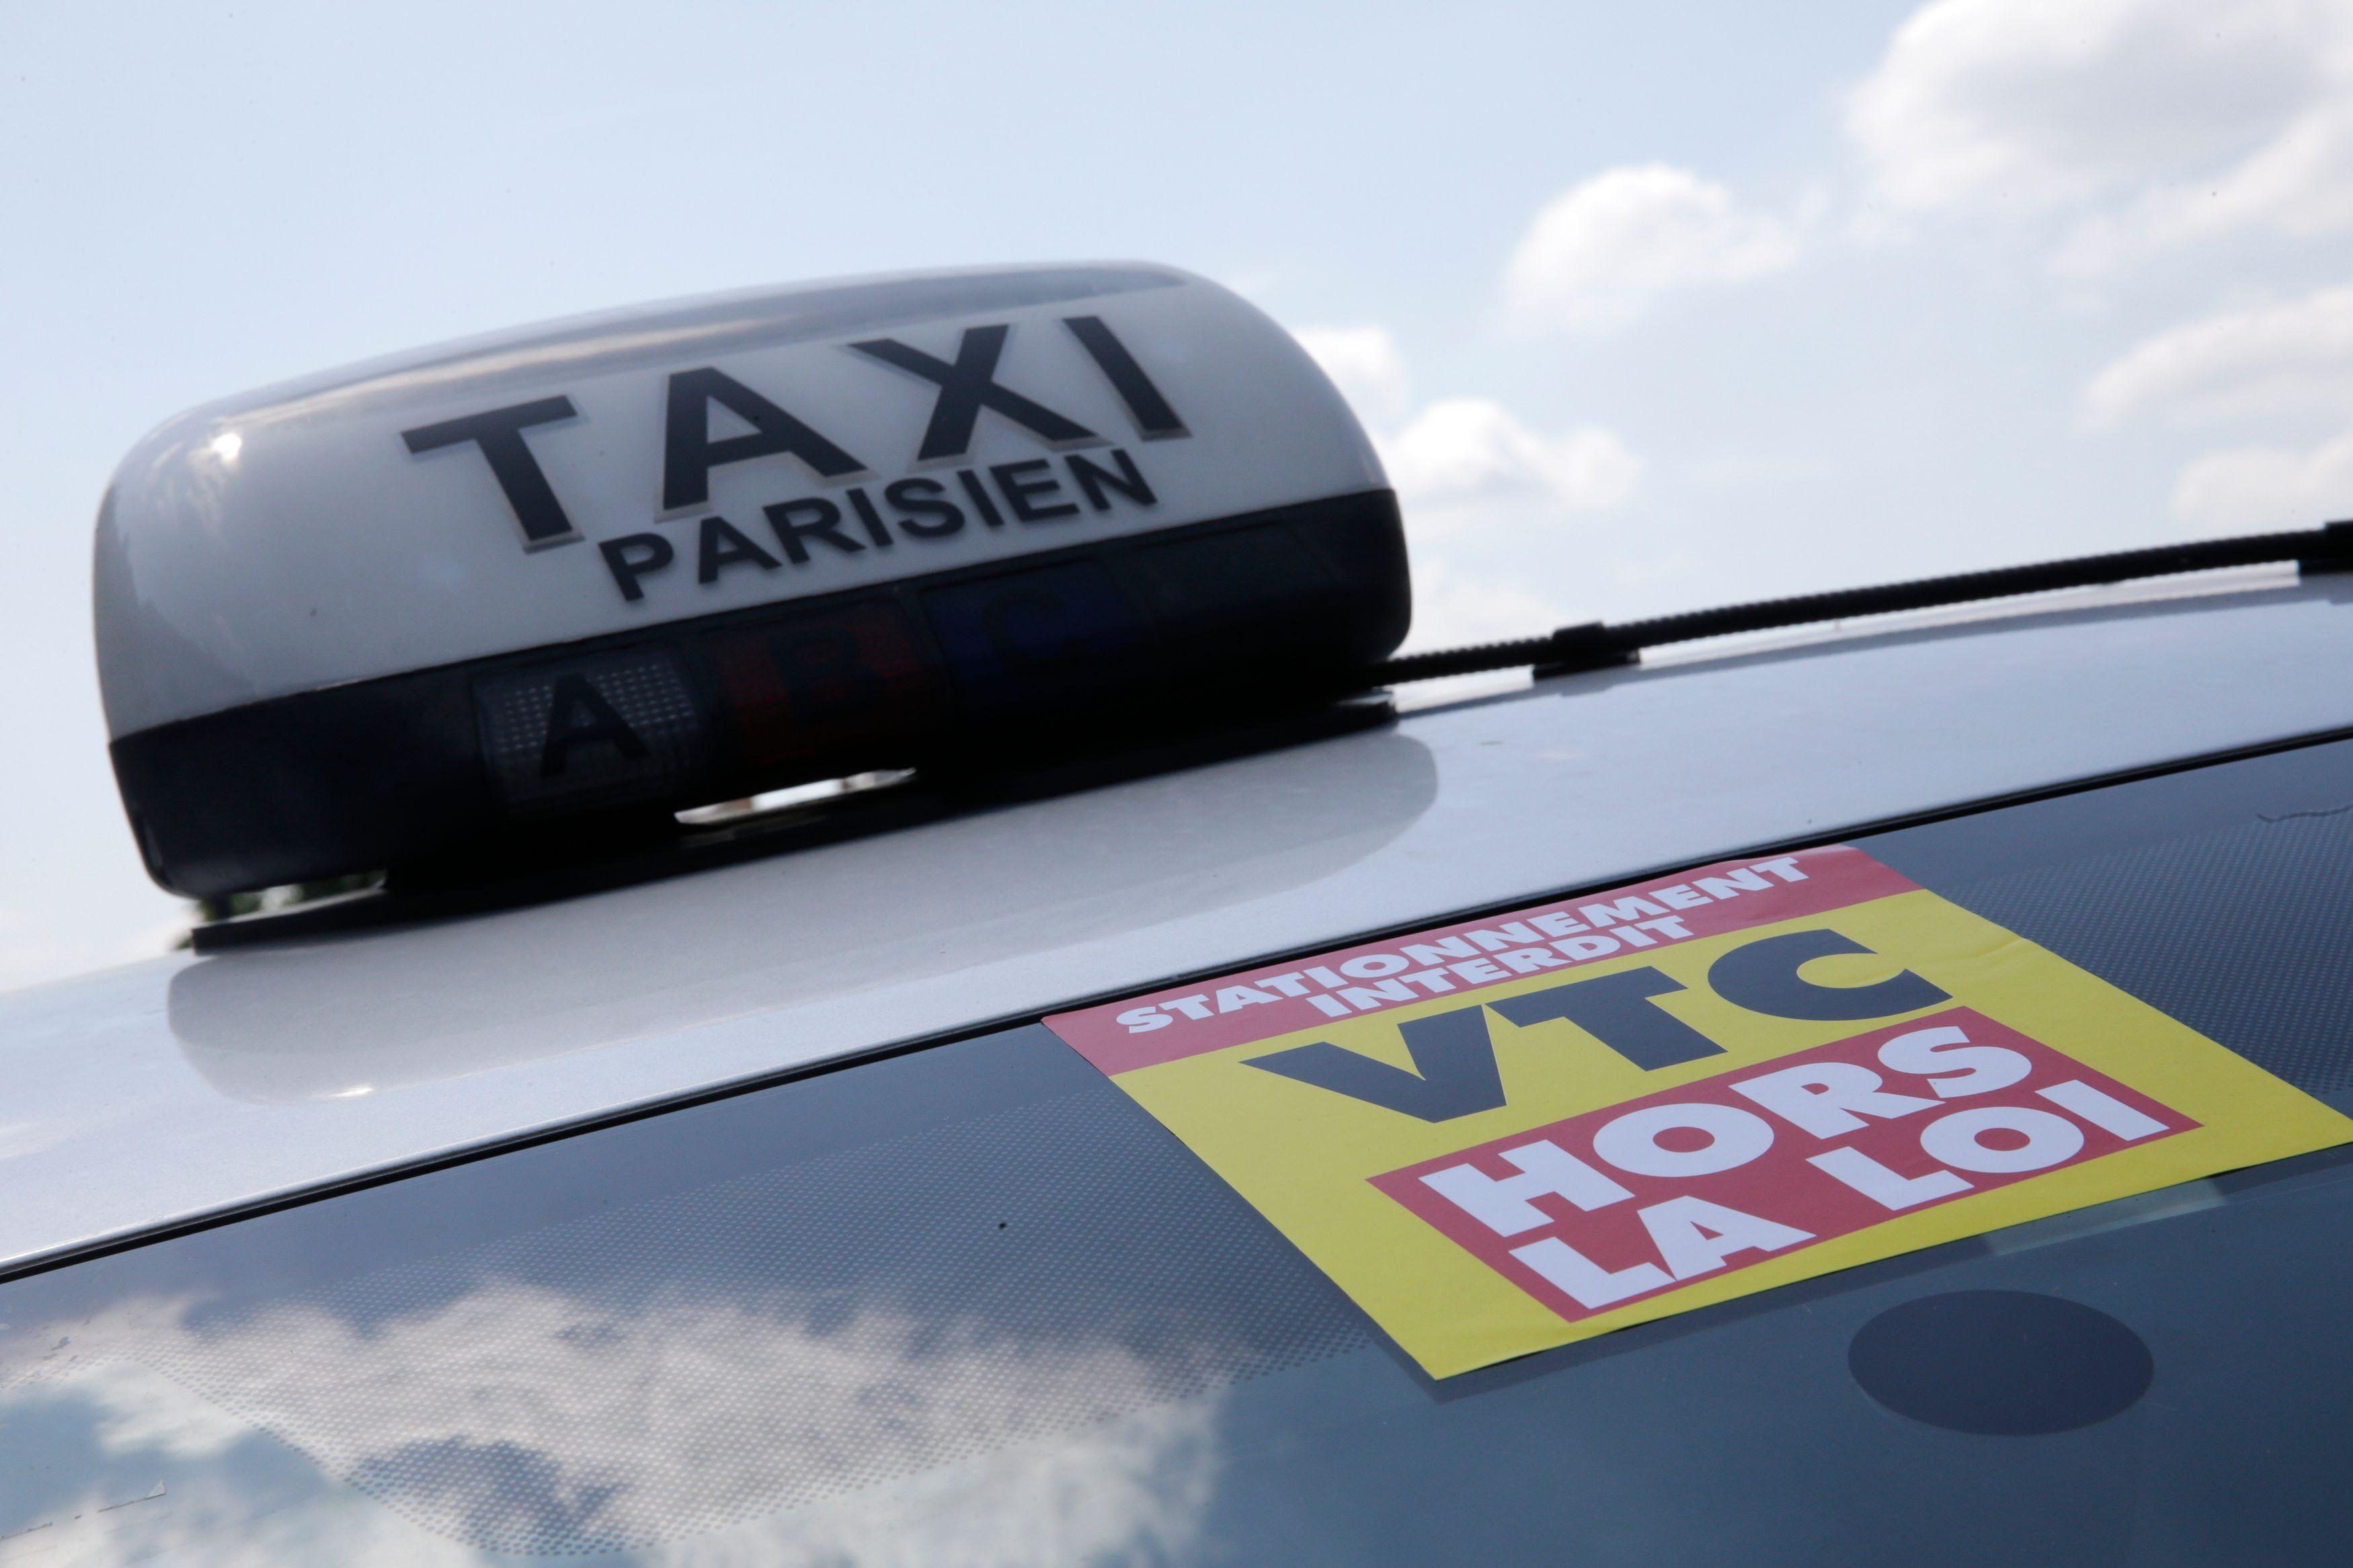 La nouvelle proposition de loi interdit proprement aux chauffeurs exerçant sous le statut de LOTI d'exercer avec une plateforme VTC. Cela correspond à environ 40% des chauffeurs pour la seule place de Paris.